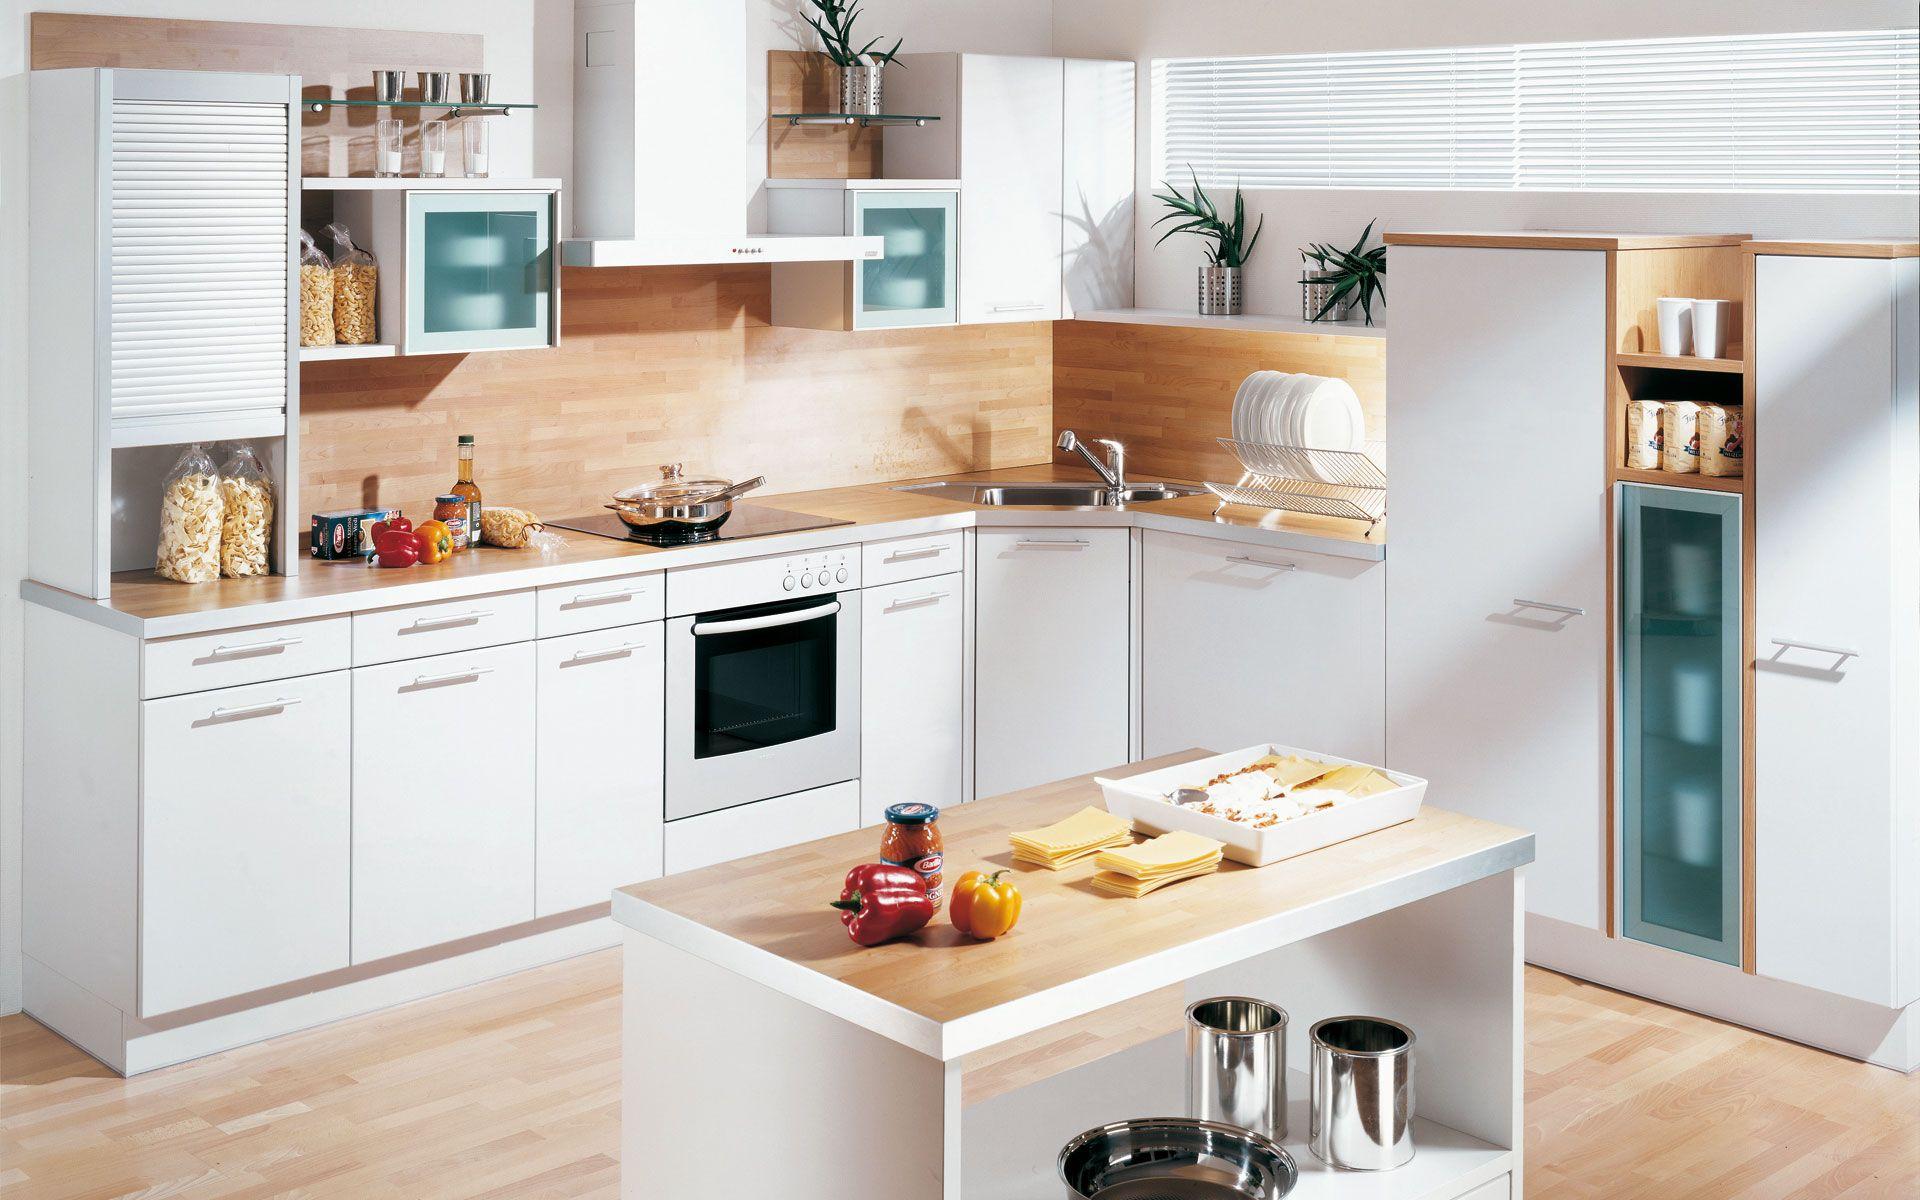 einbauküche mit insel | einbauküchen | pinterest | einbauküchen